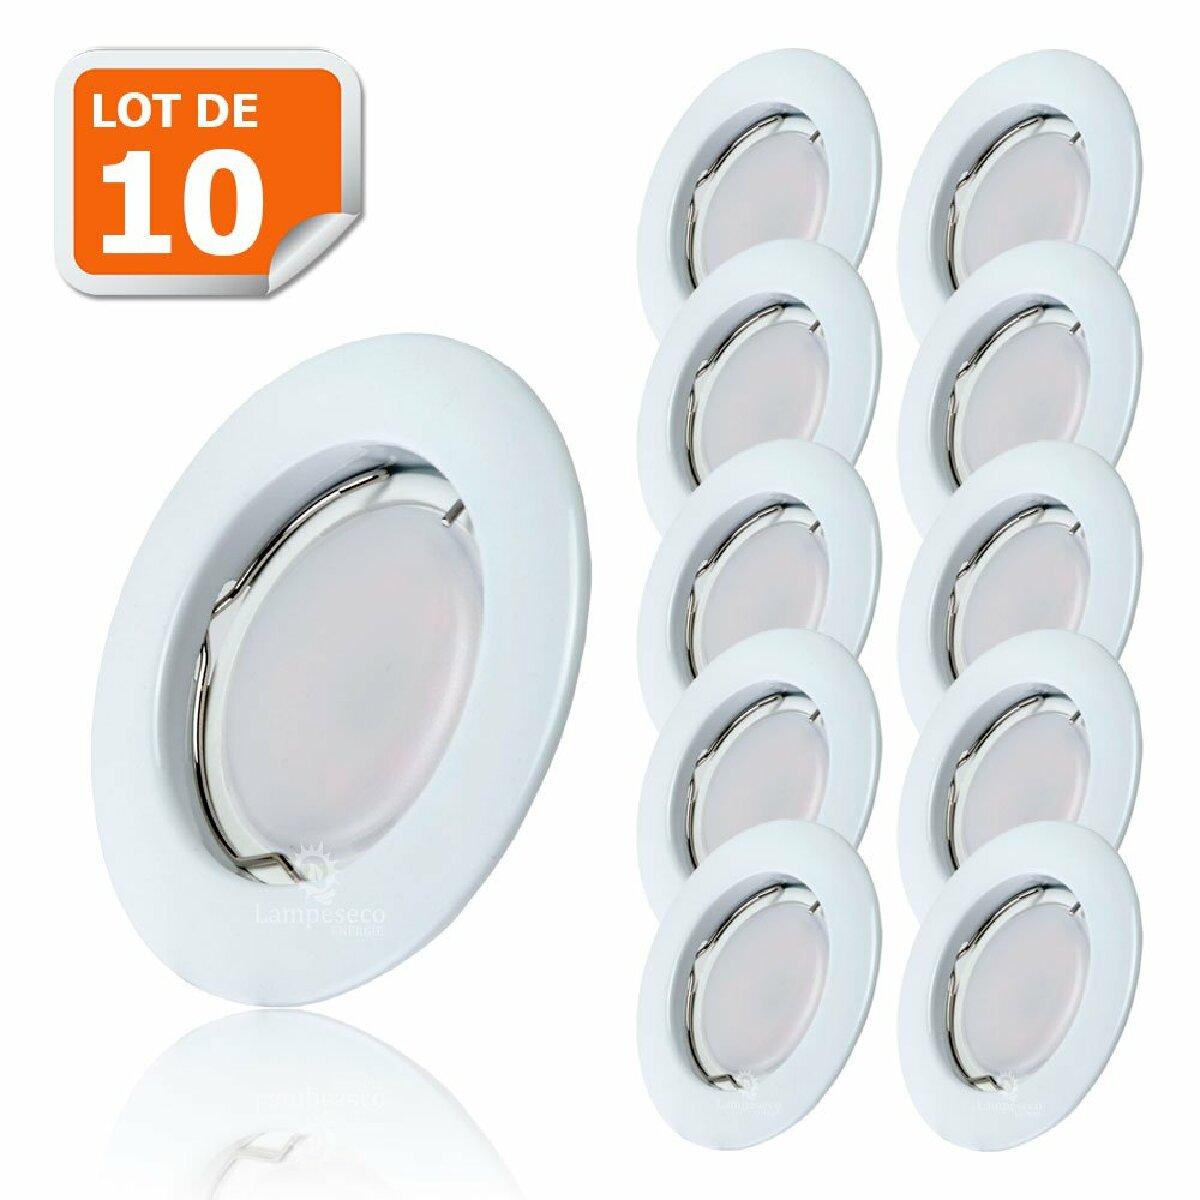 Eurobryte Lot de 10 Spot Led Encastrable Complete Blanc Lumière Blanc Neutre 5W eq.50W ref.770